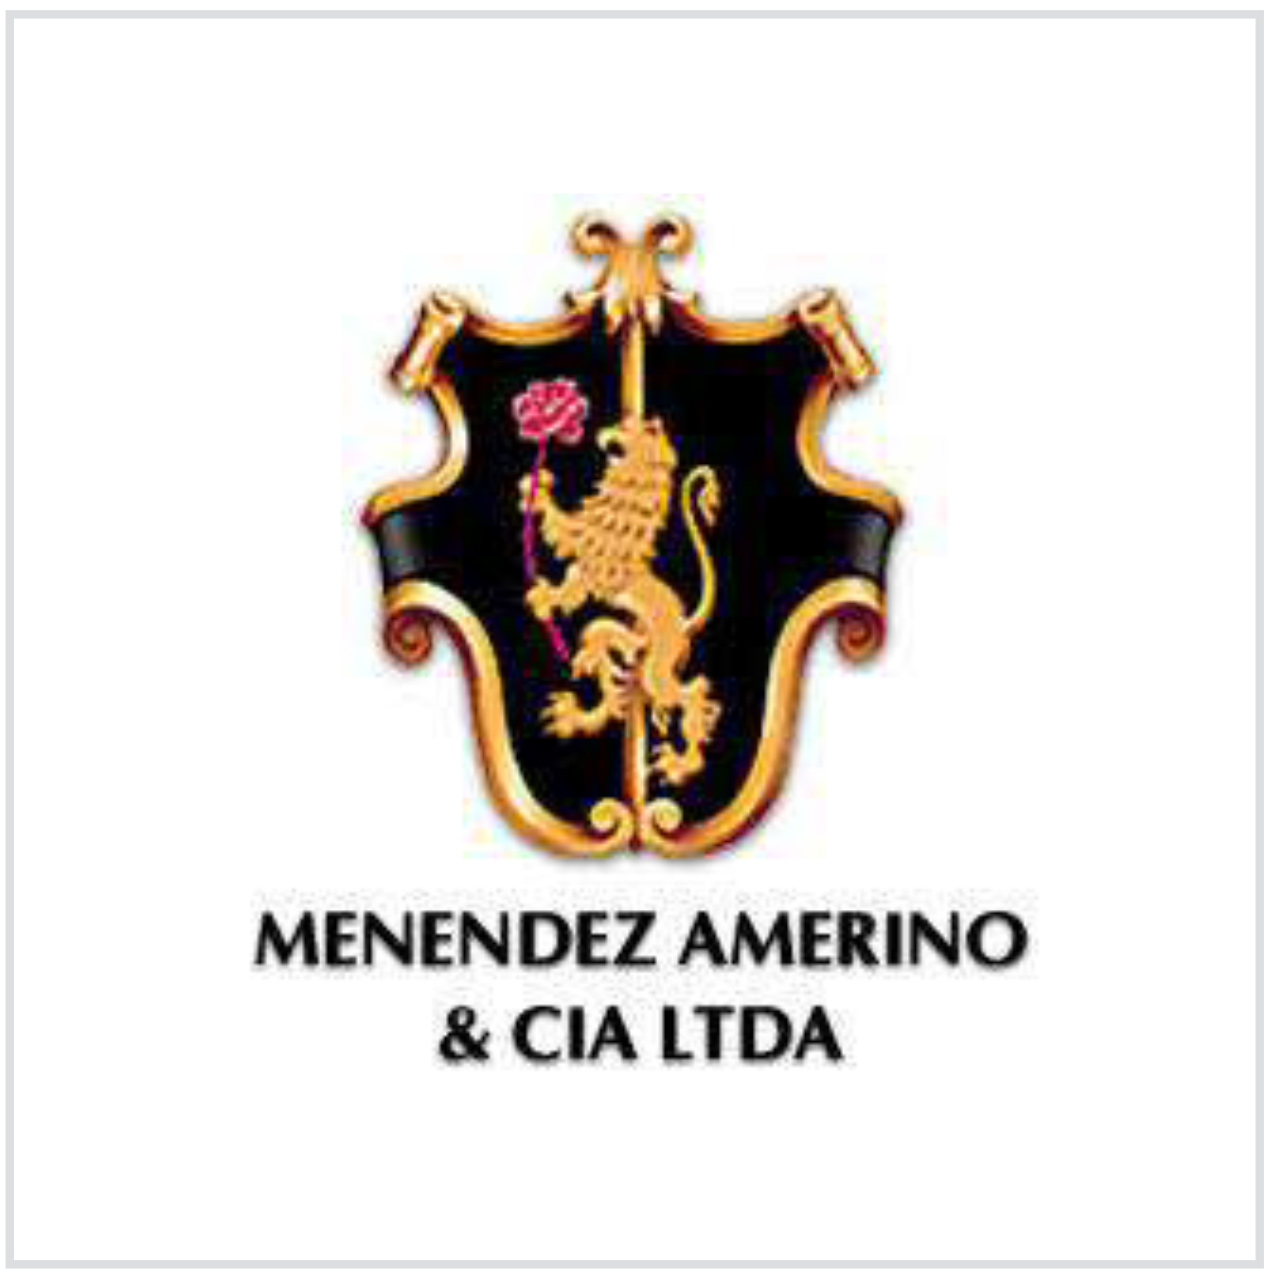 logo_menendez